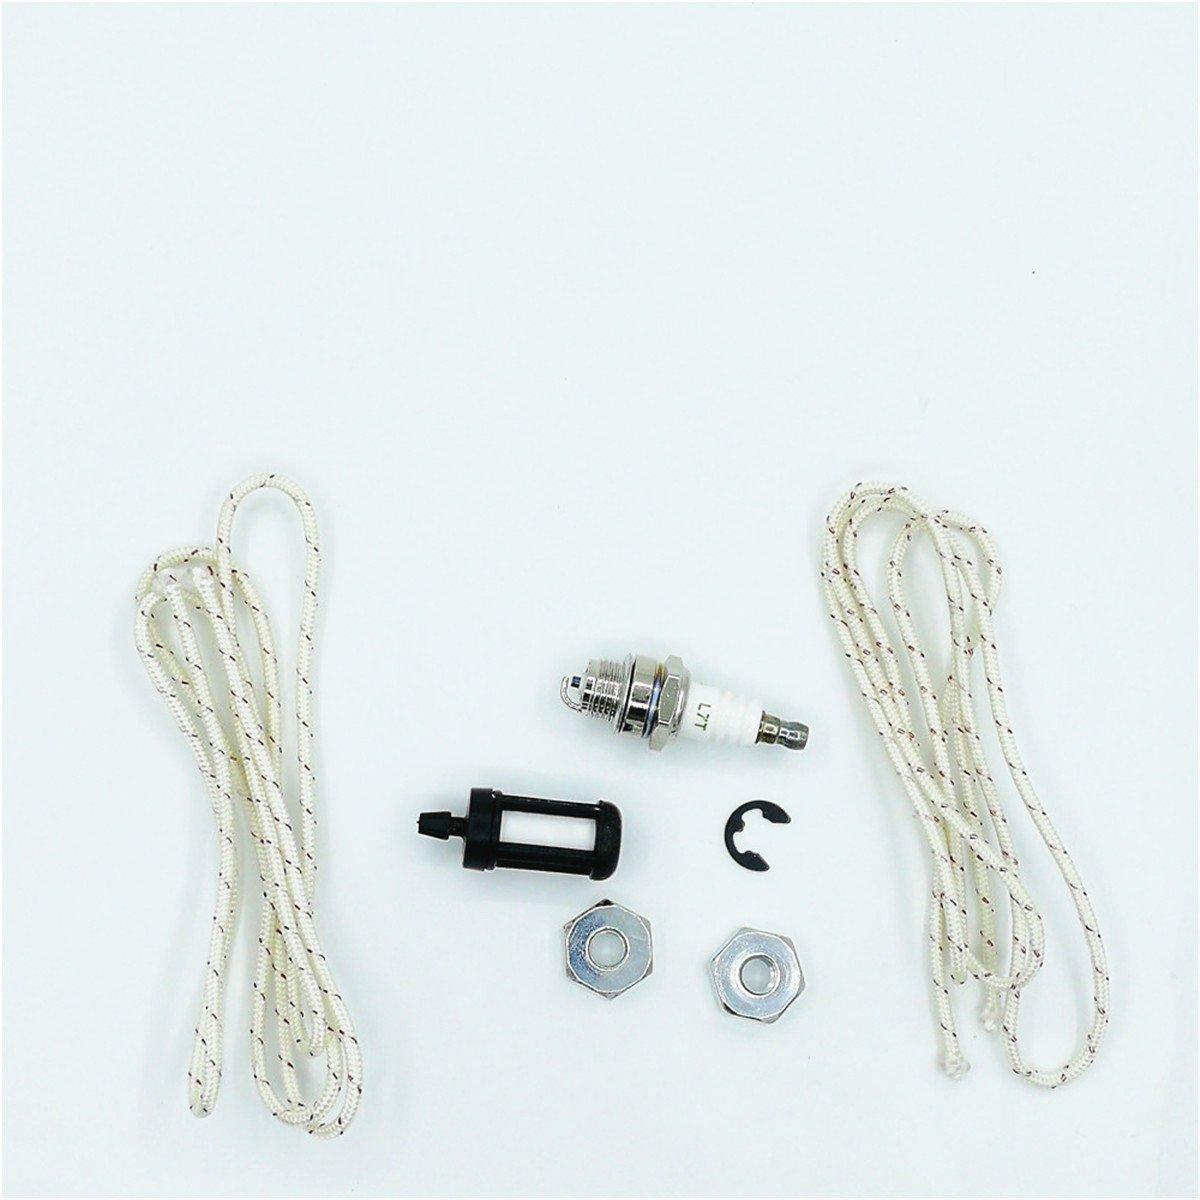 Barre de tron/çonneuse Corde de lancement /Écrous kit de bougie dallumage pour Stihl MS170/MS171/MS180/Ms181/Ms192t 009/010/012/015/017/018/019/# 00009550801